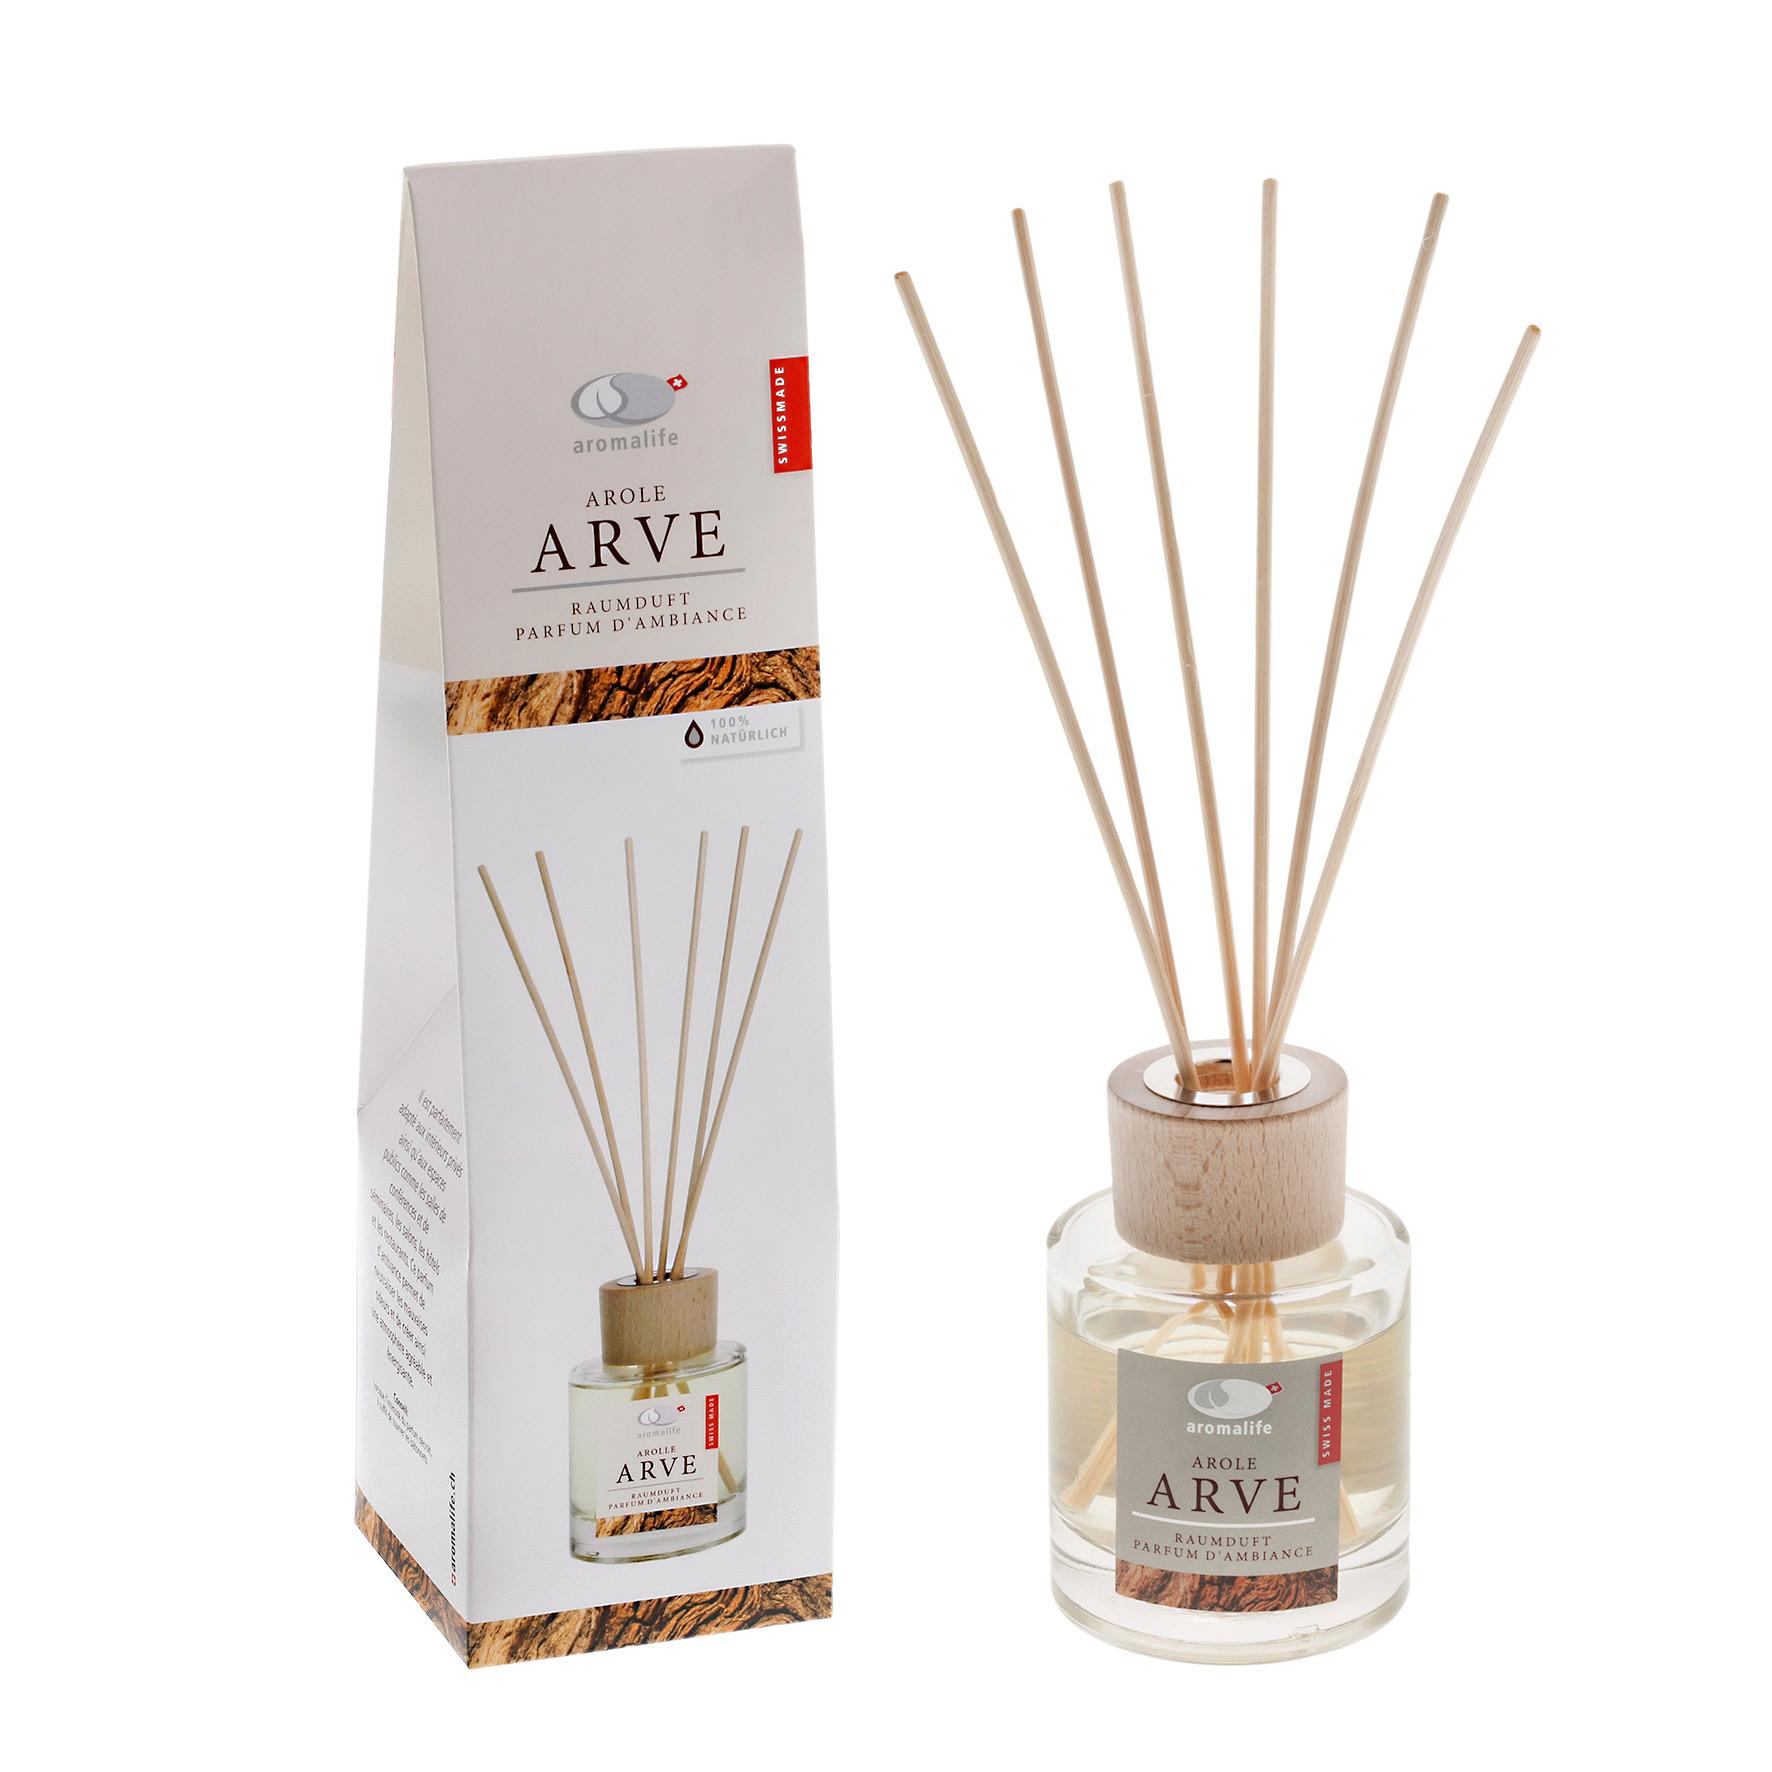 Arve-Raumduft mit Duftstäbchen von Aromalife